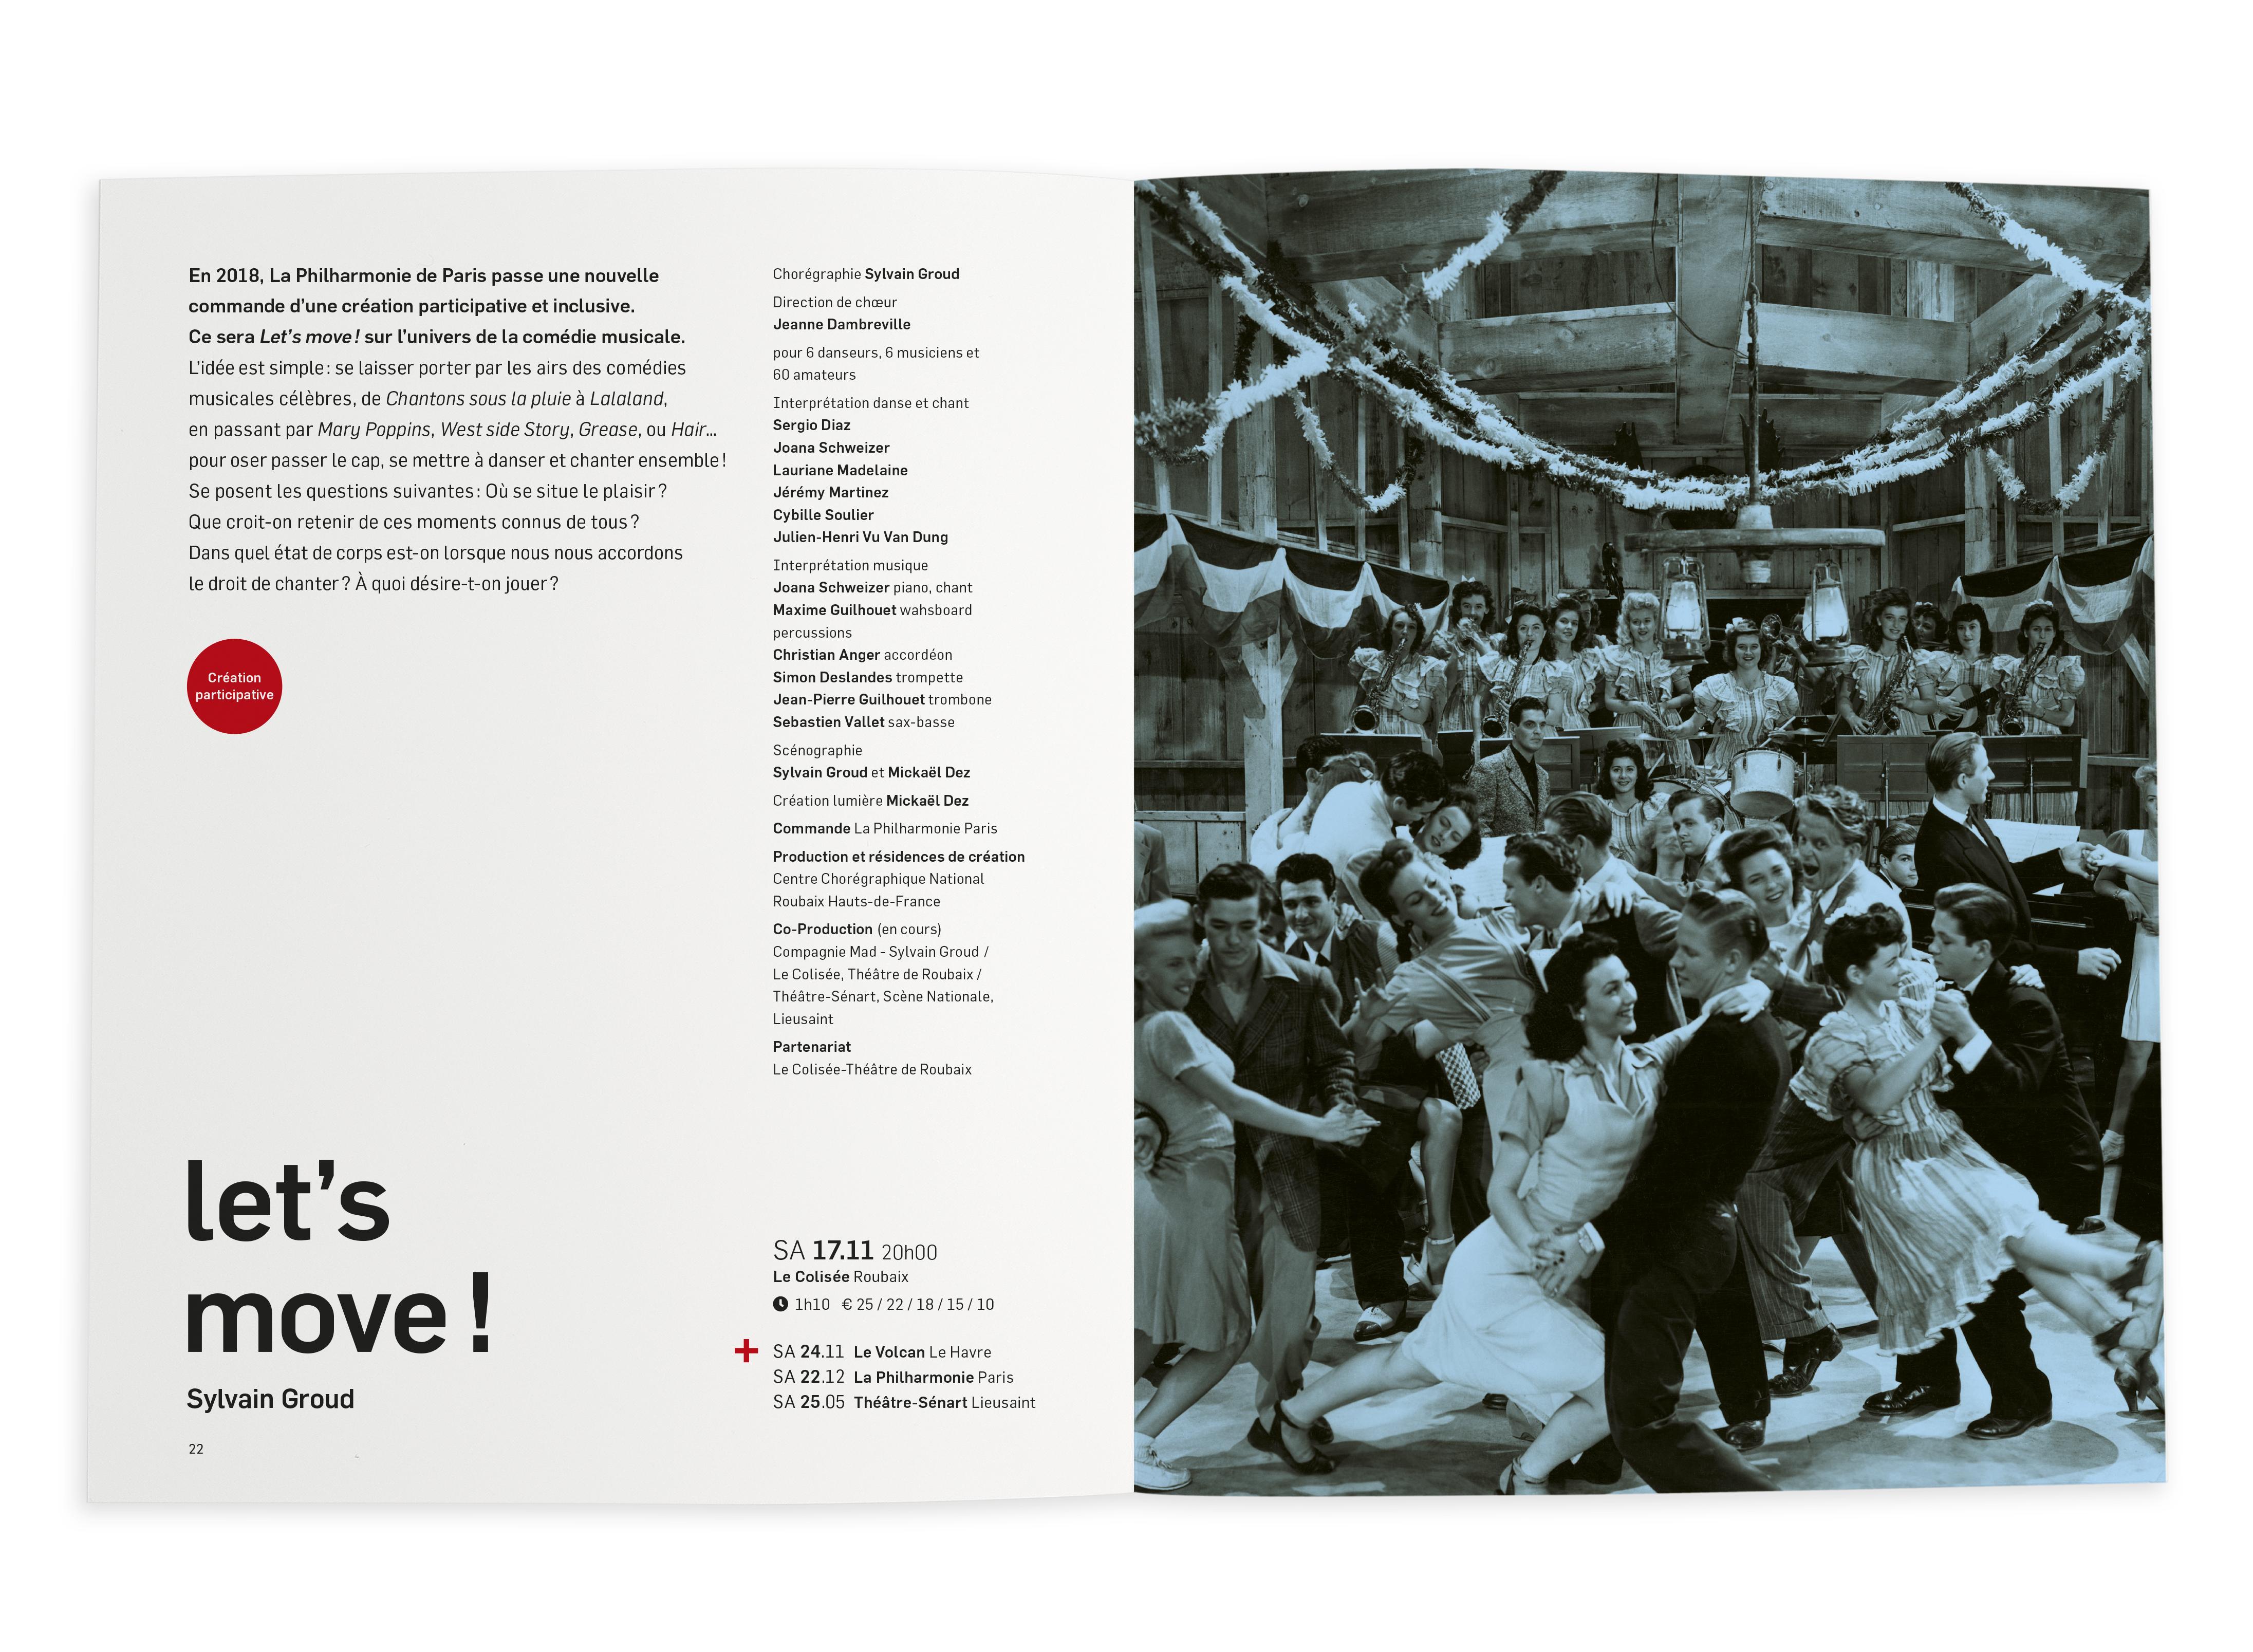 BN Brochure Open 05